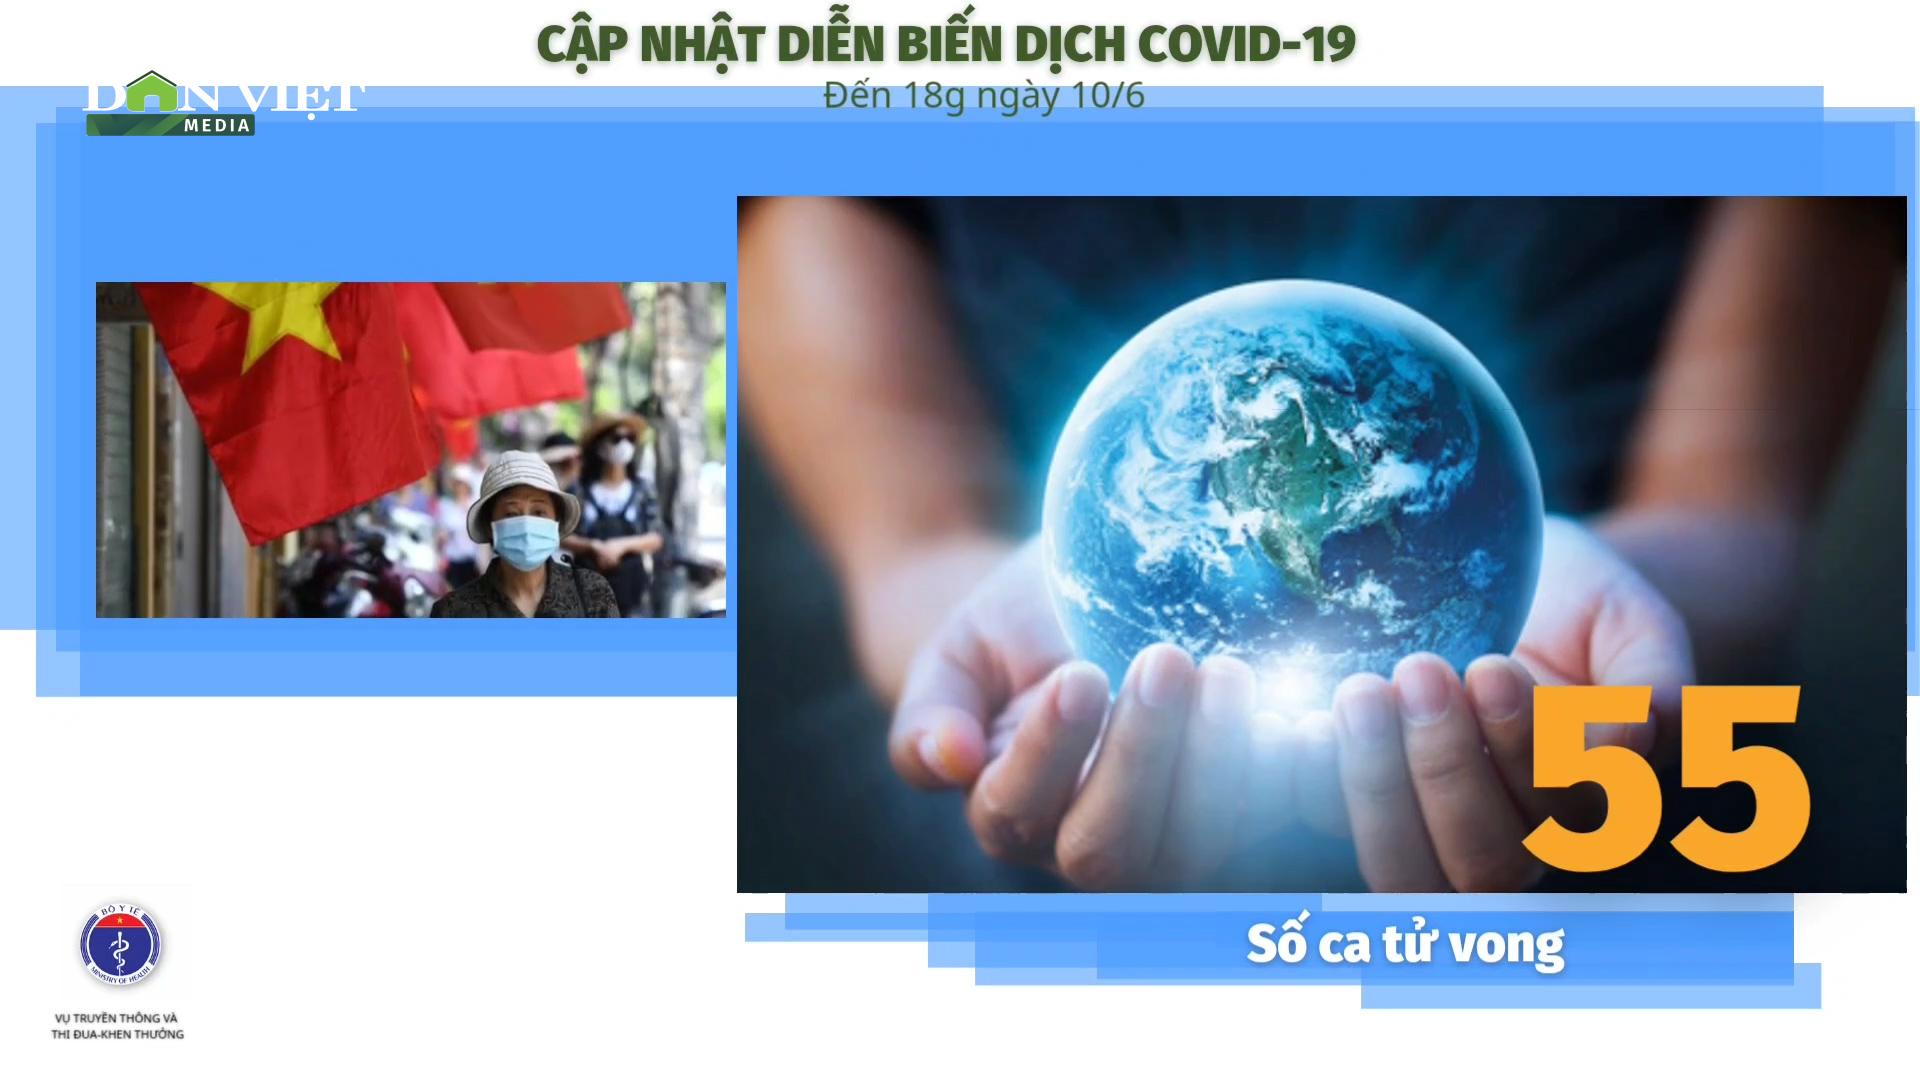 Thông tin từ Bộ Y tế: Diễn biến dịch Covid-19 đến 18h, ngày 10/6 - Ảnh 3.